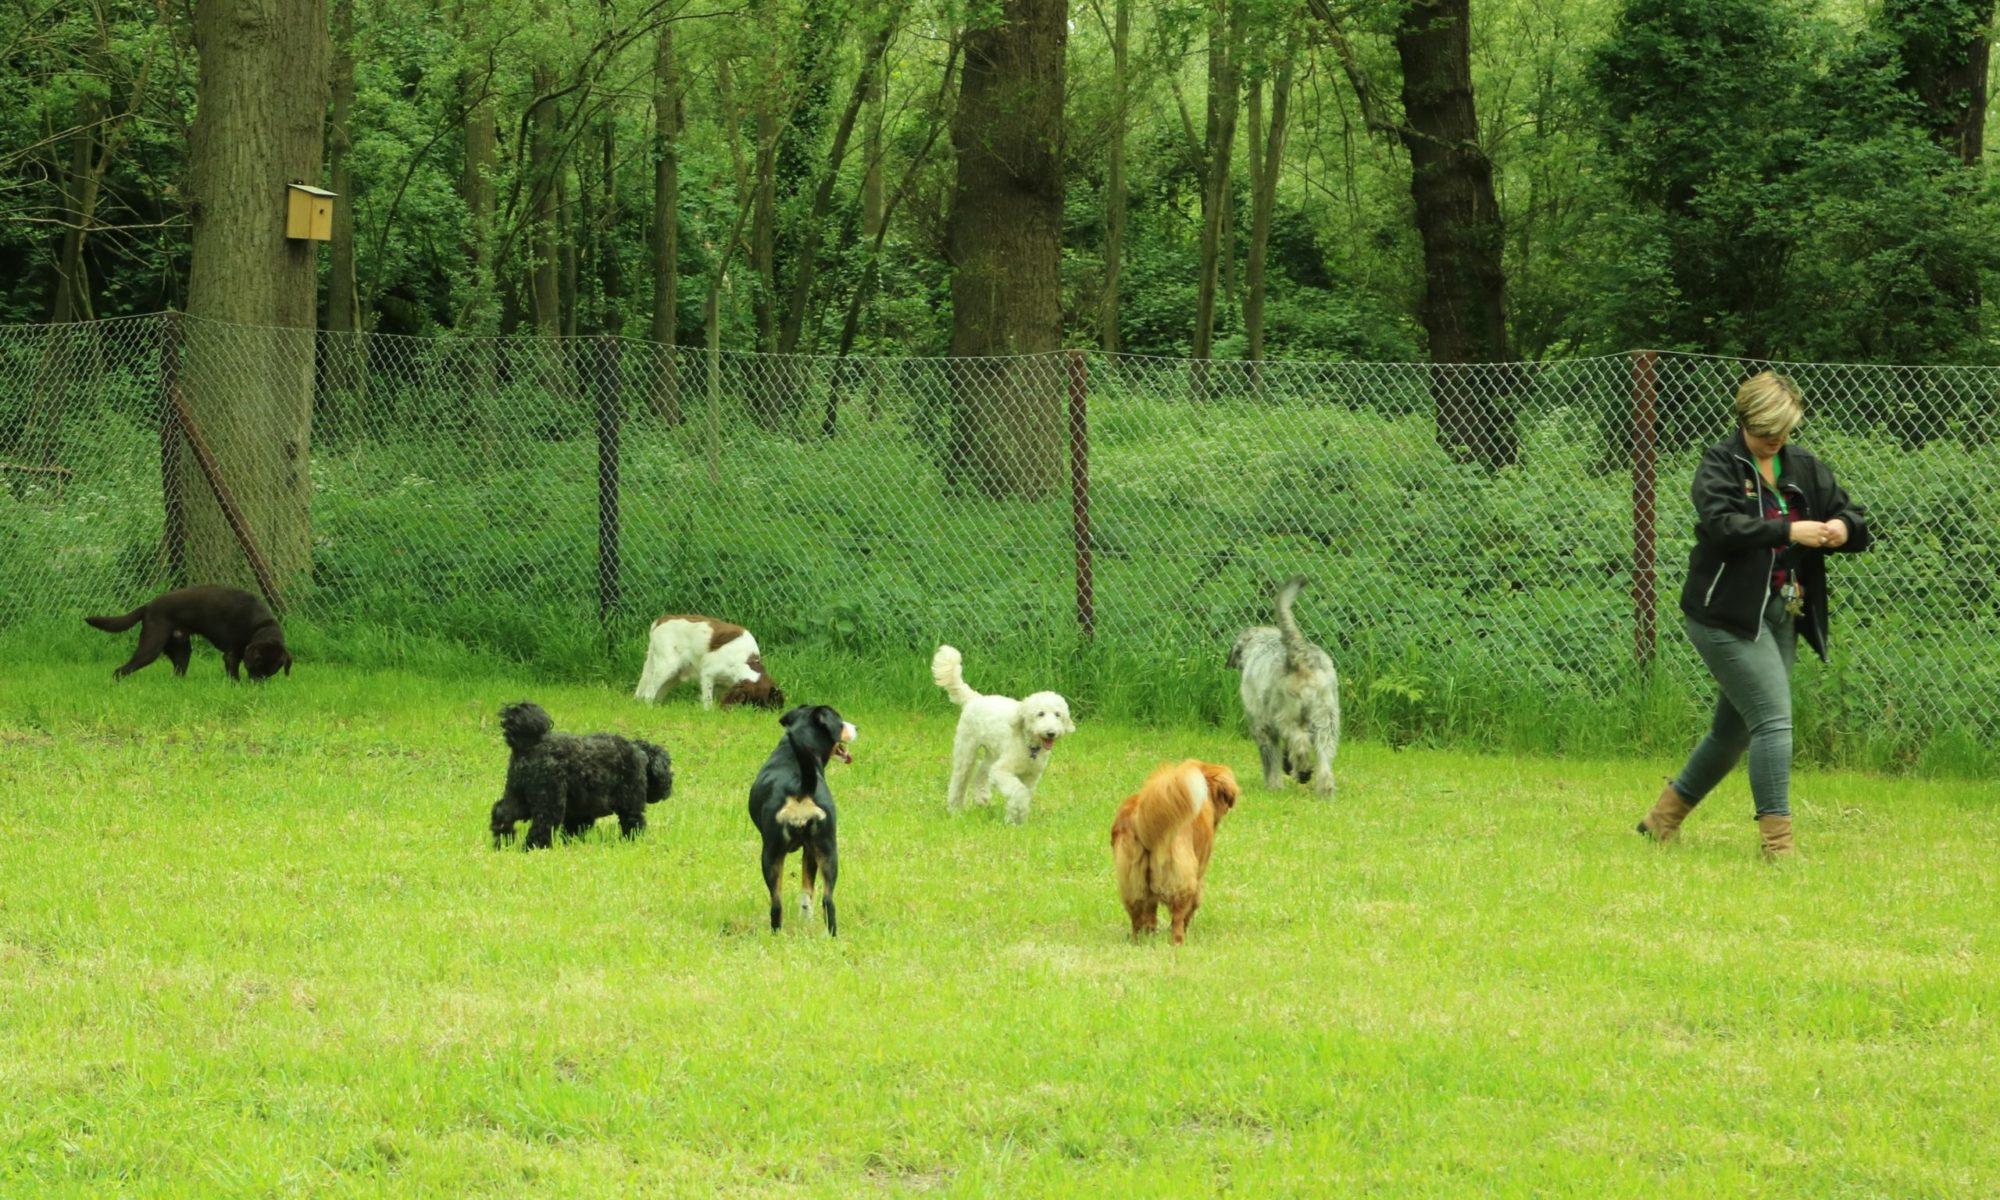 Takkie hondenuitlaatdienst